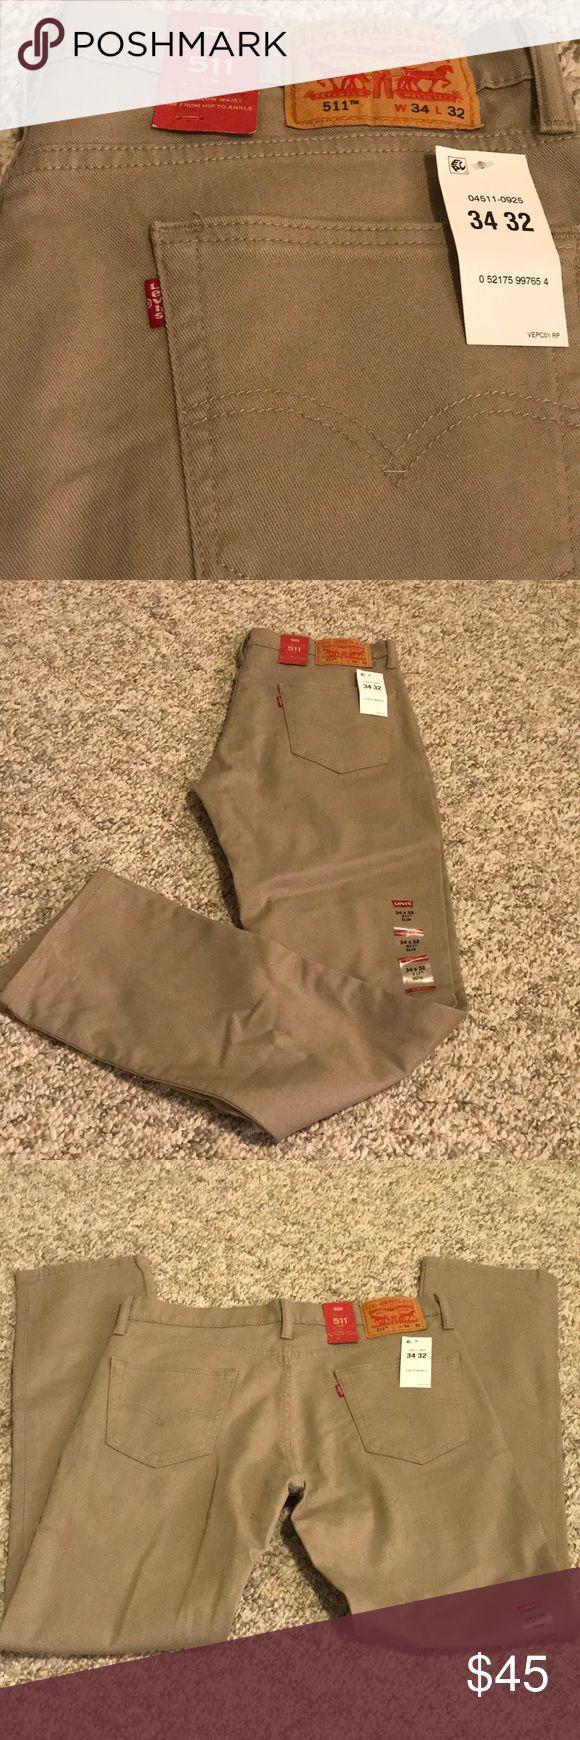 Men's Levi's 511 slim khaki pants W34 W32 NWT slim fit khakis Levi's Pants